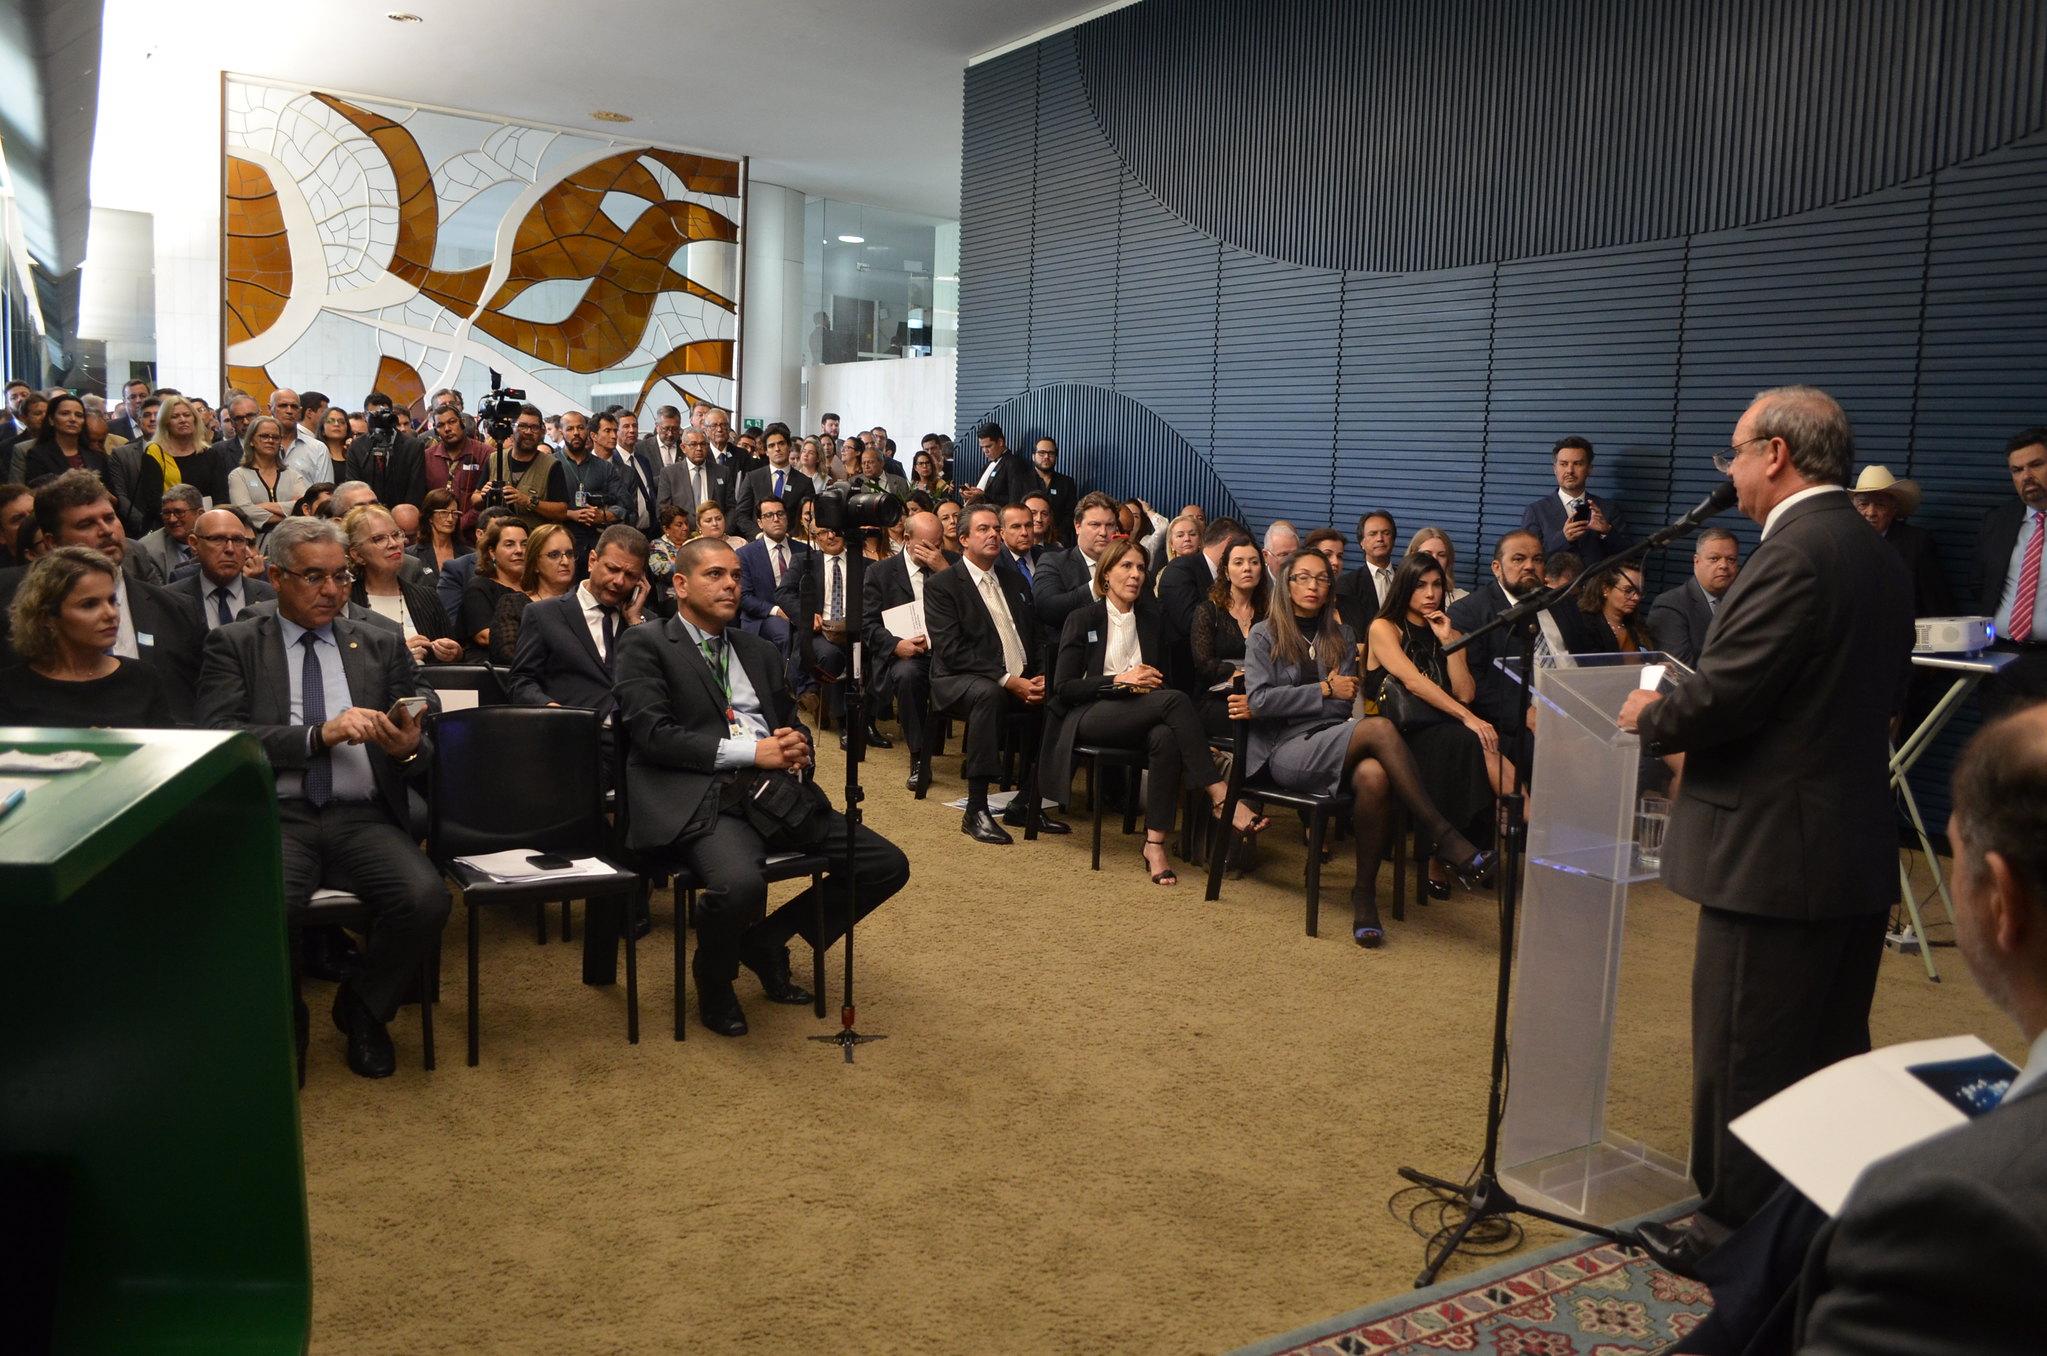 Lançada Frente Parlamentar que deve destacar a relevância da atividade notarial brasileira e fomentar a desjudicialização de processos